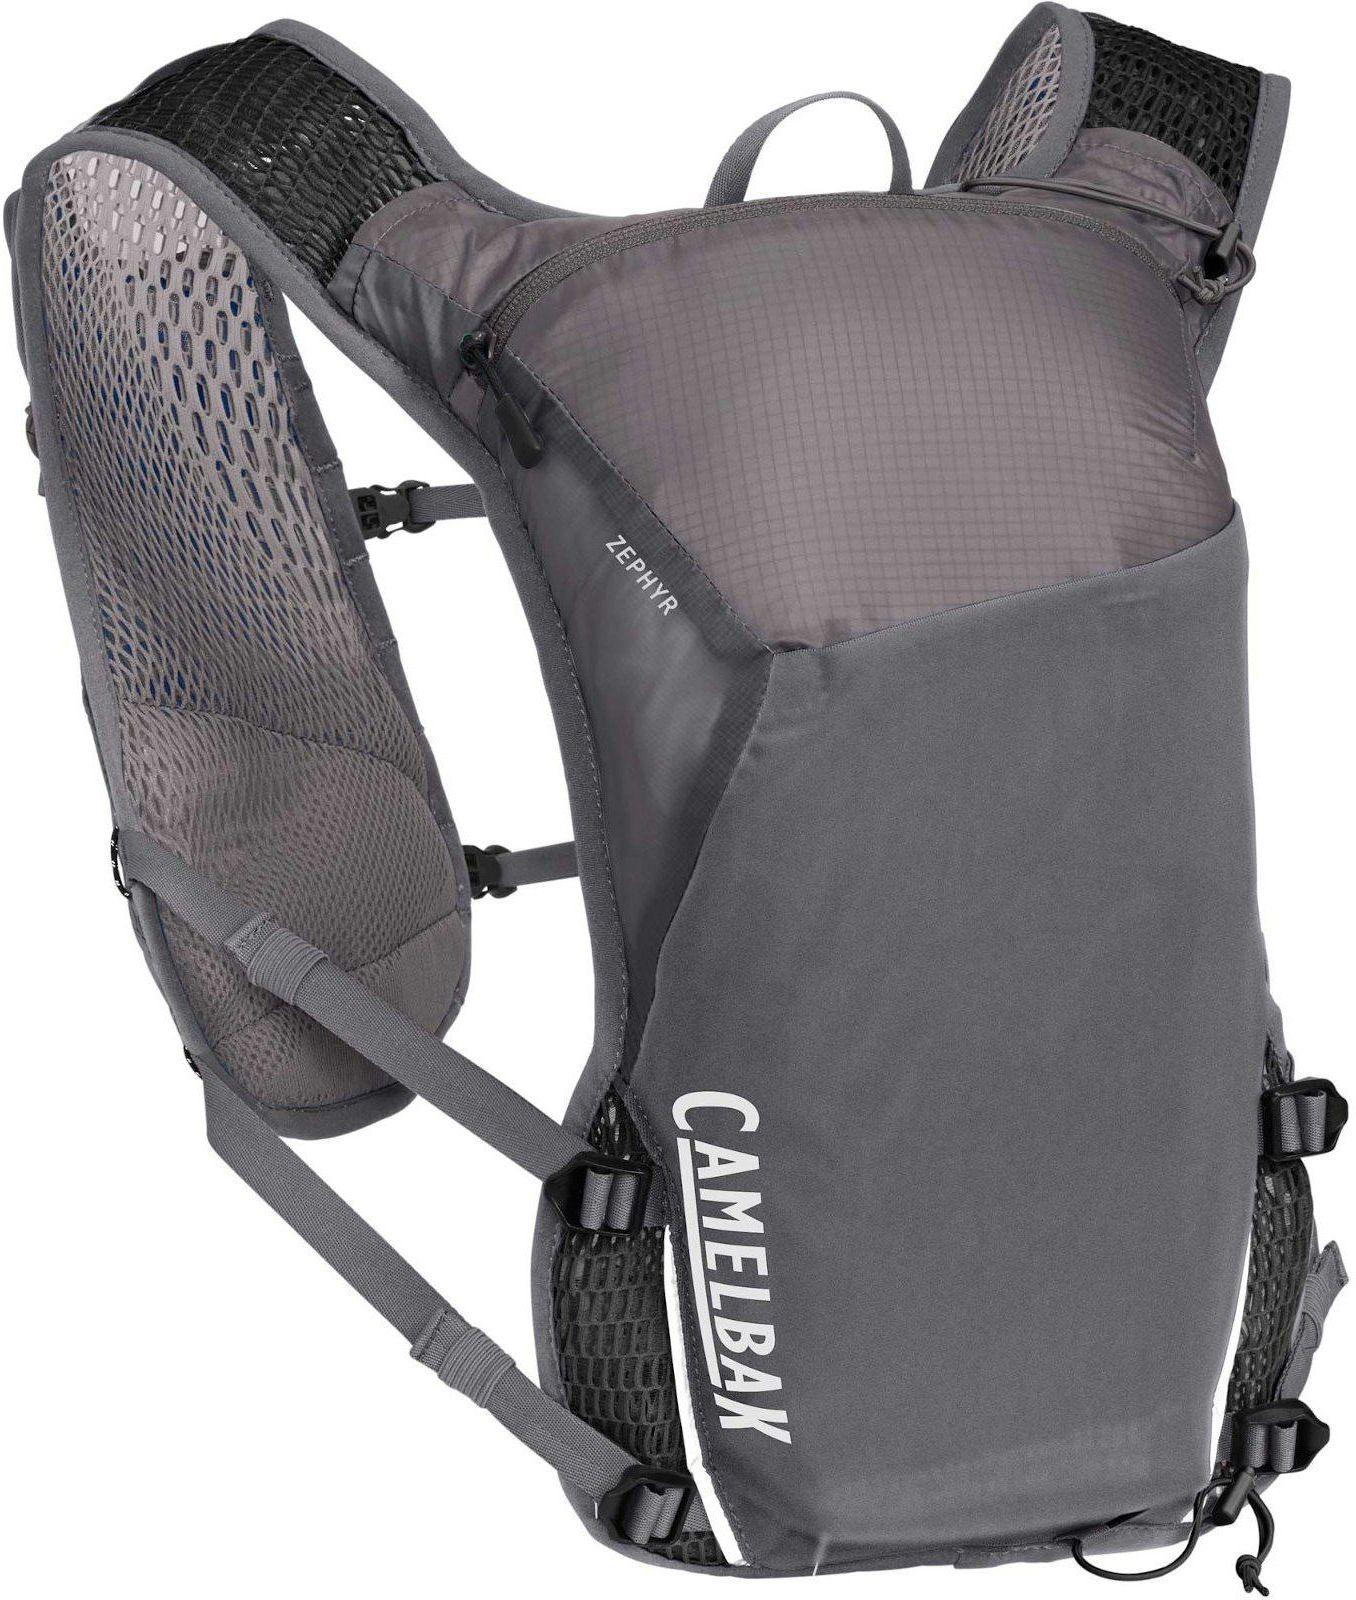 Camelbak Zephyr Vest Castlerock - Grey/Black uni